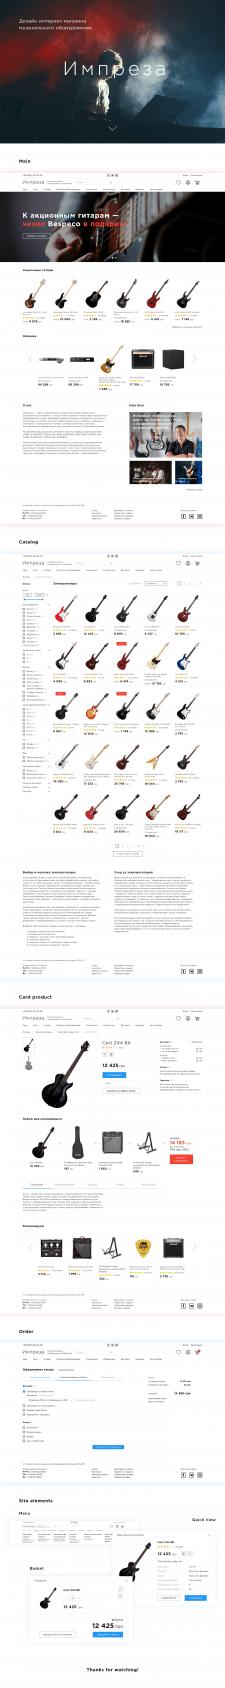 Дизайн интернет-магазина «Импреза»